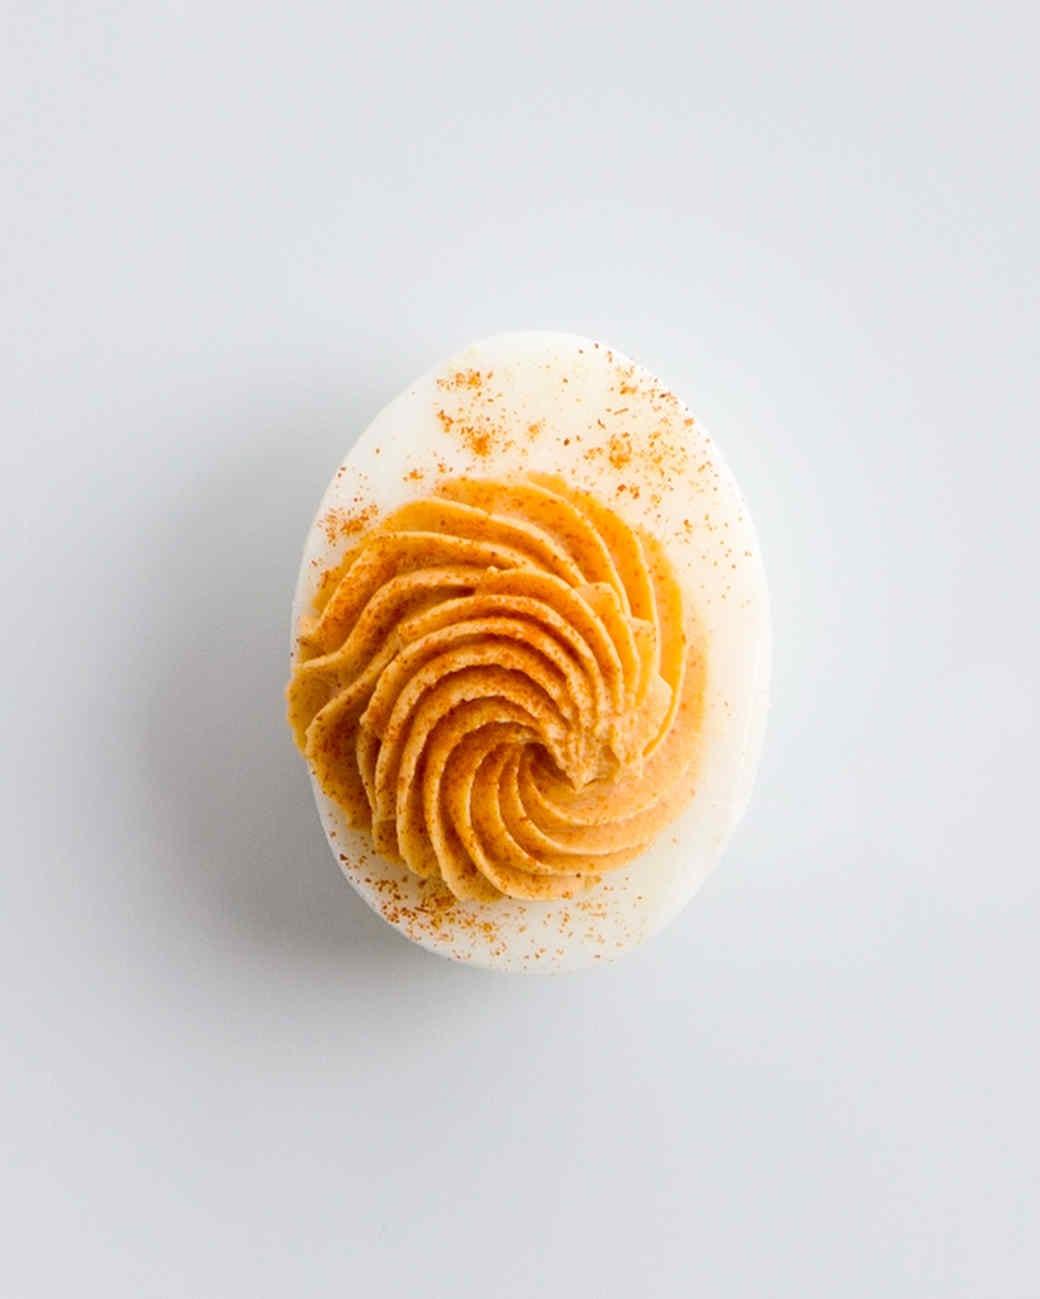 tomato pimenton deviled eggs